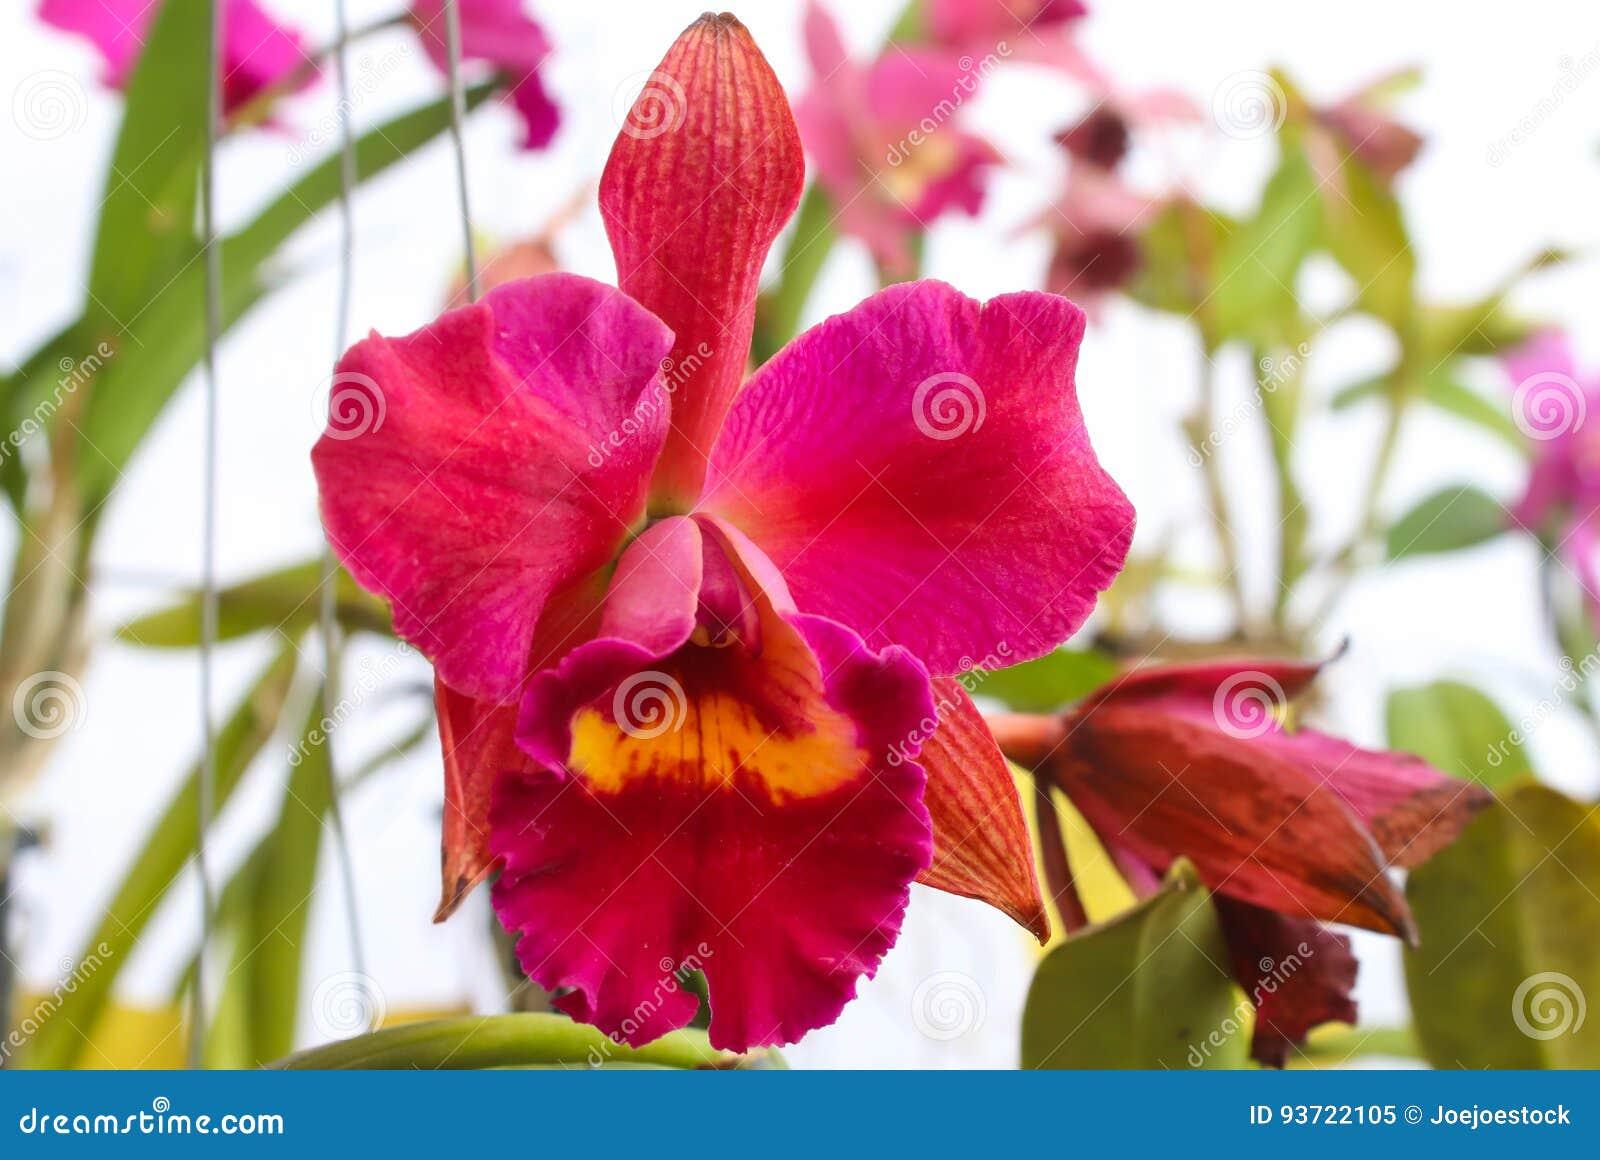 Grandes Fleurs Rouges D Orchidee Avec La Feuille Verte Image Stock